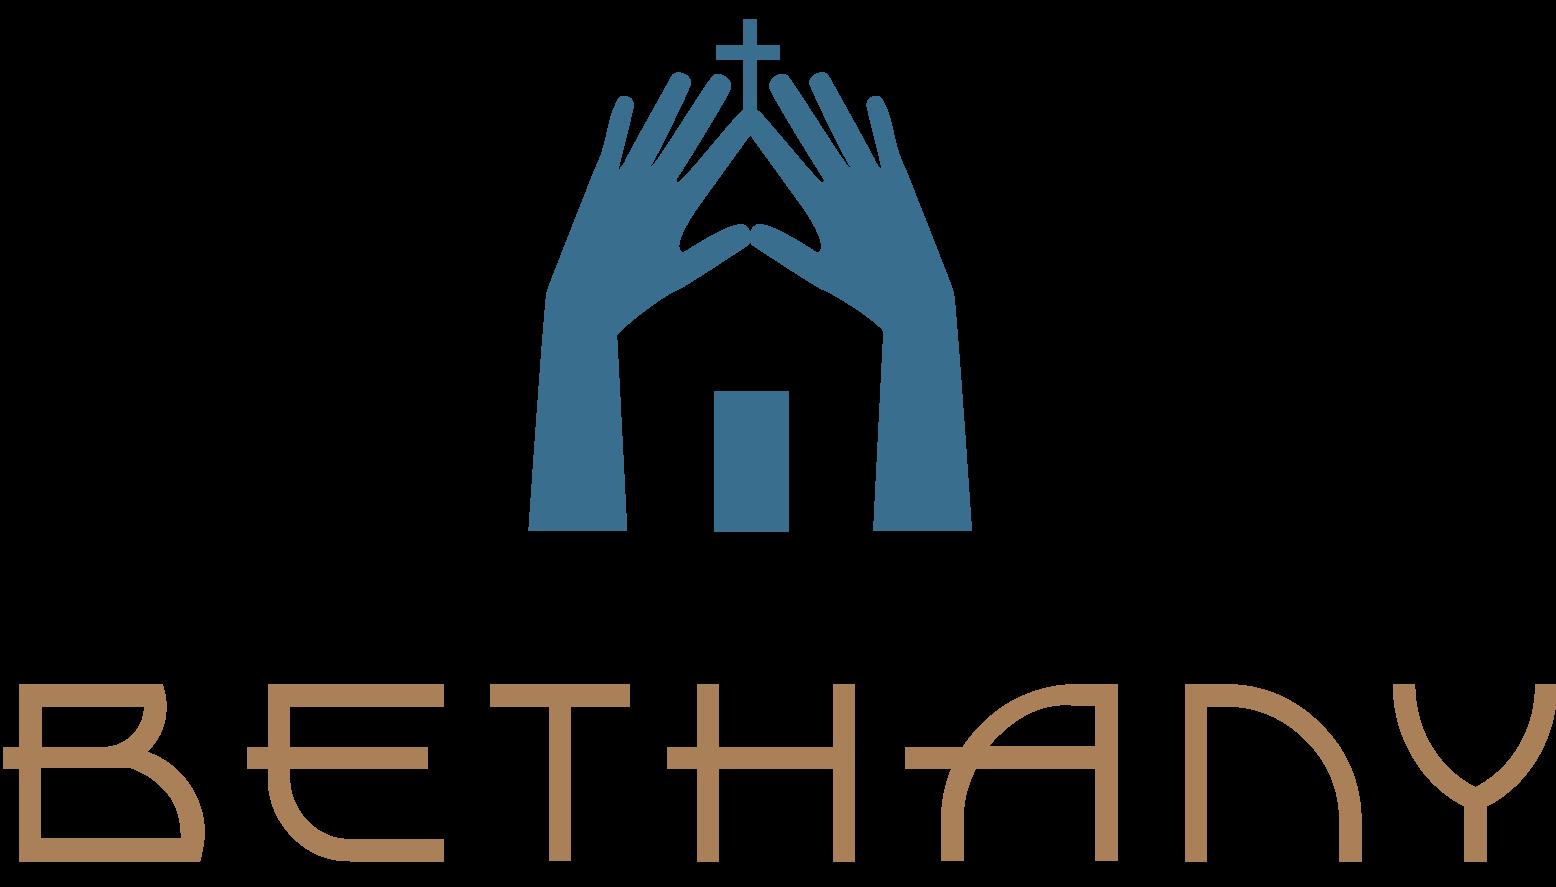 bethany-logo